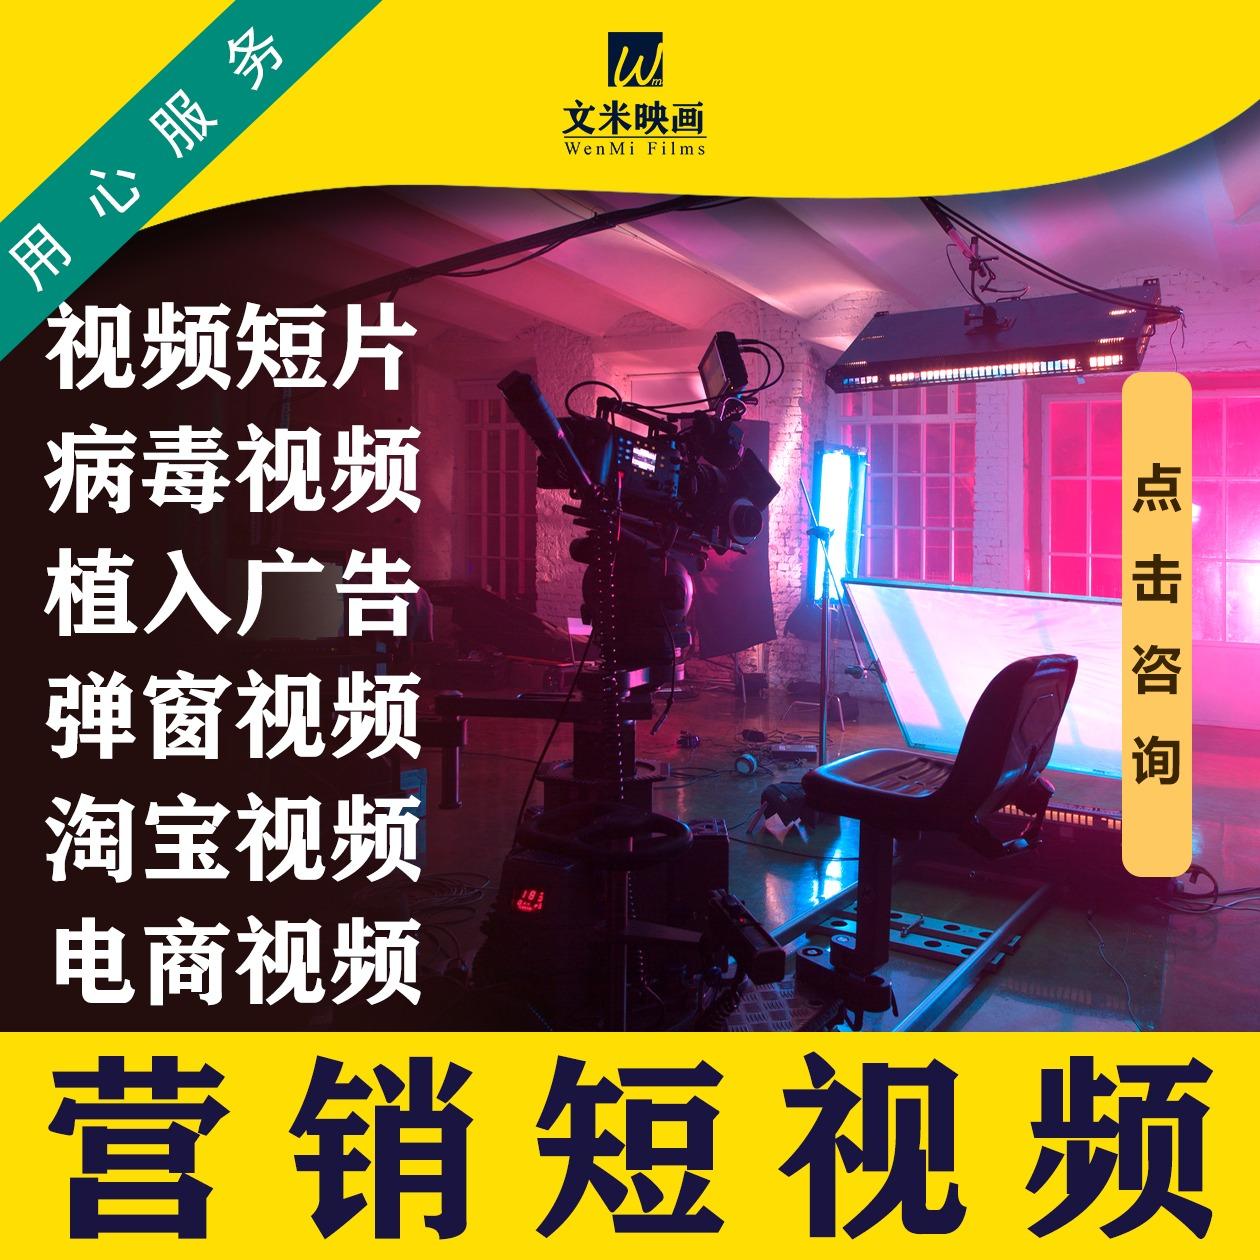 【营销短视频 】创意撰写视频拍摄视频制作后期制作